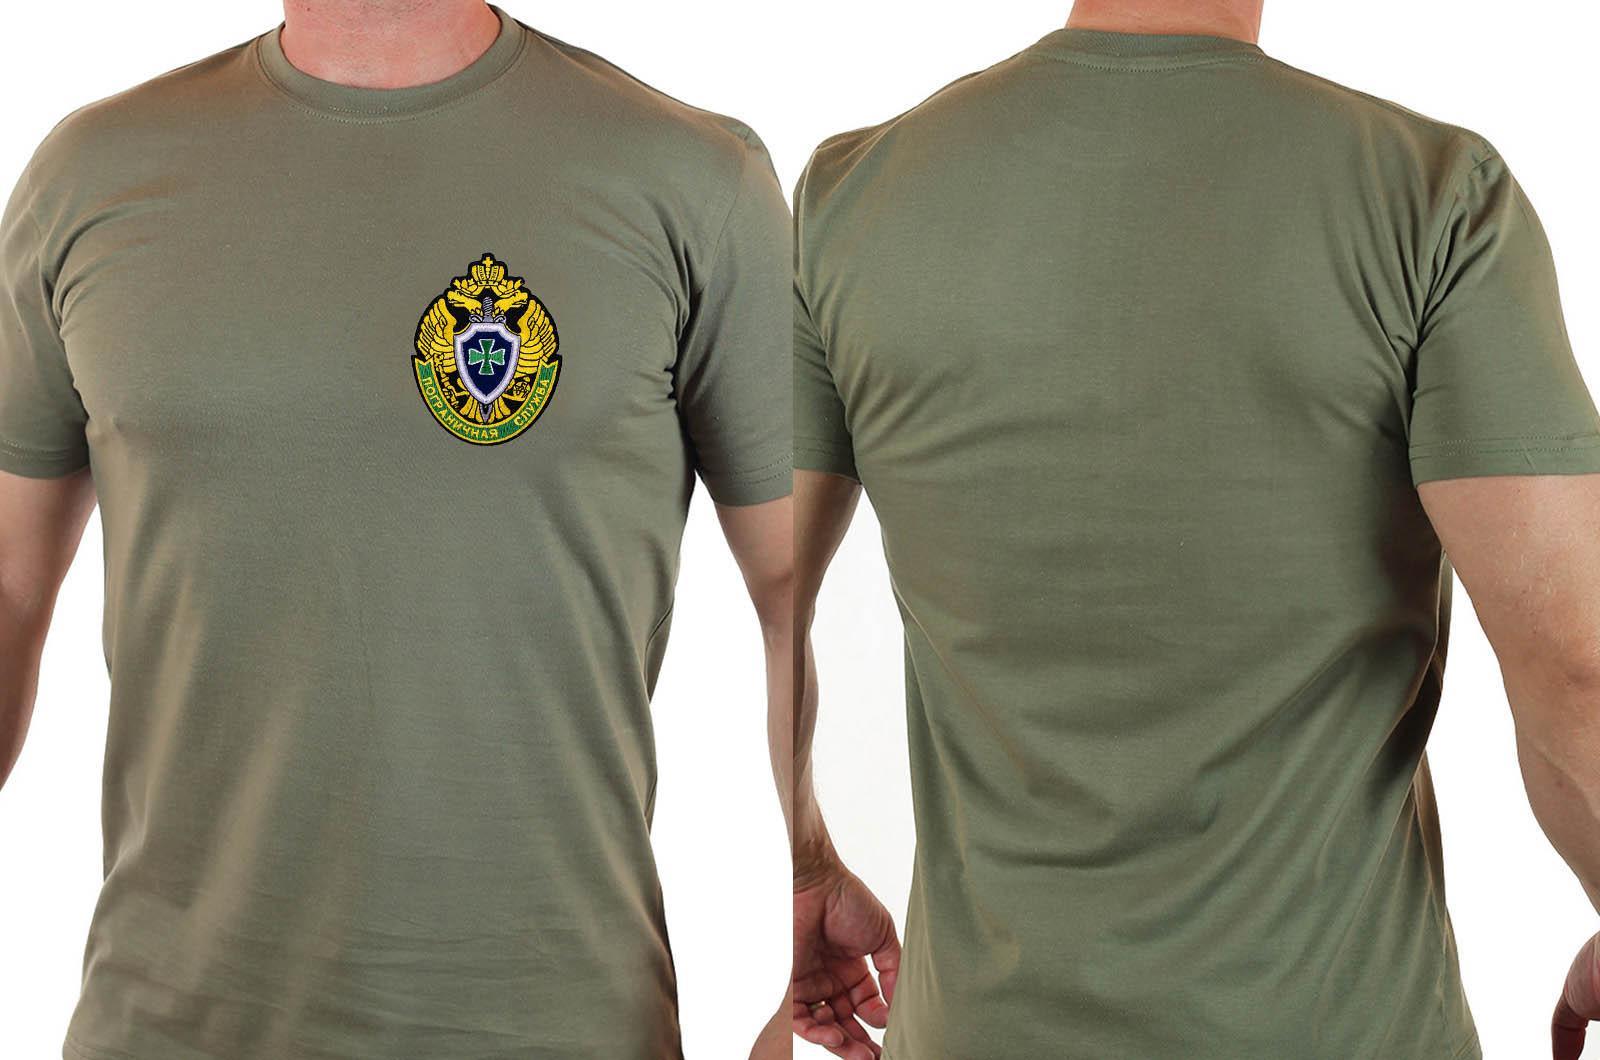 Трикотажная футболка хаки с нашивкой Пограничная служба купить выгодно